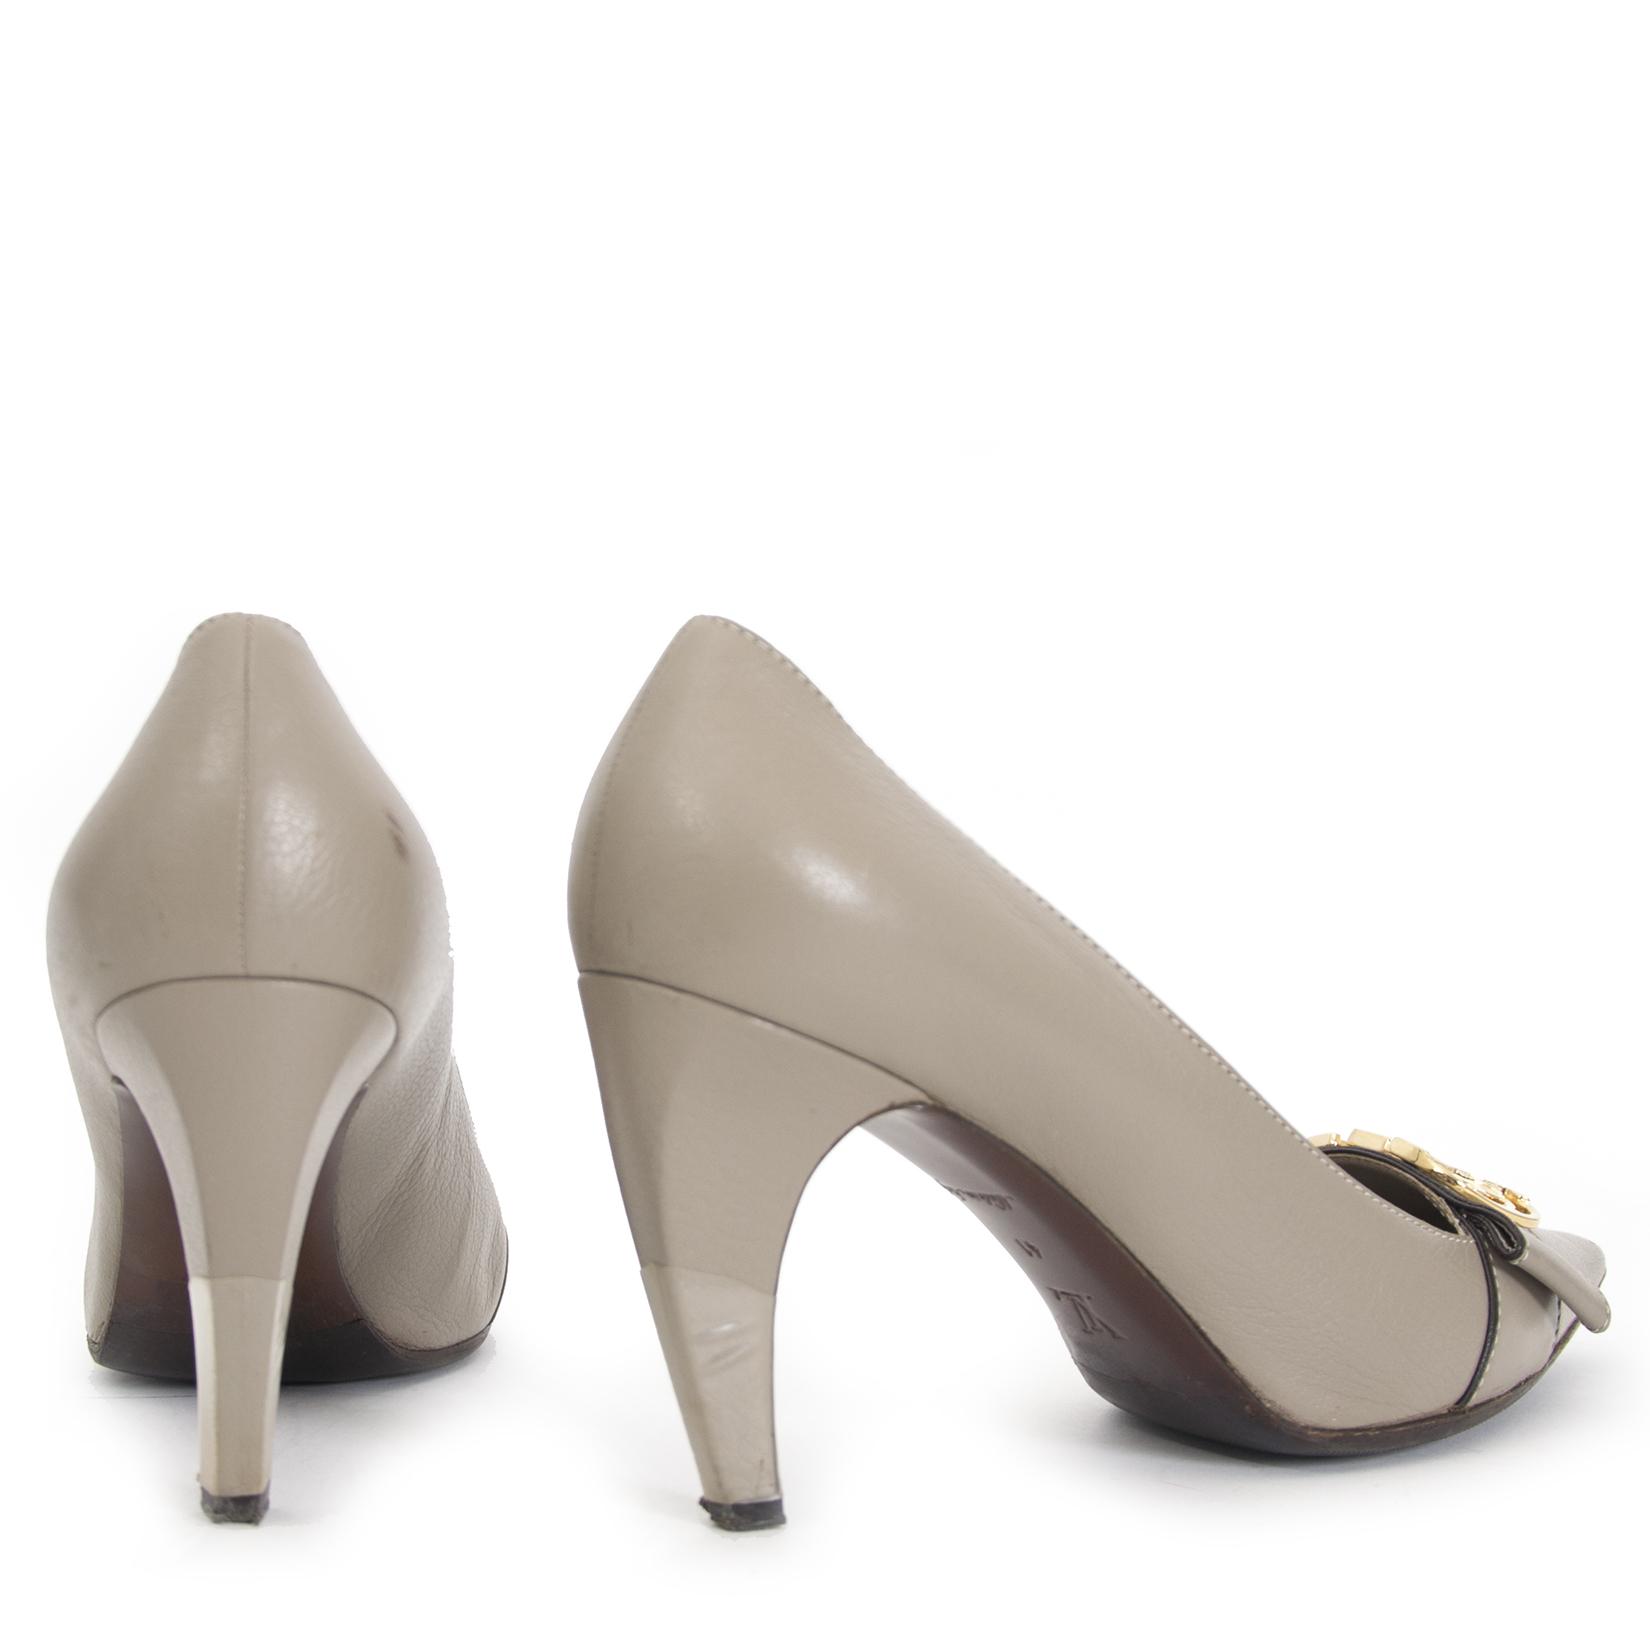 Koop en verkoop uw authentieke designer pumps van Louis Vuitton